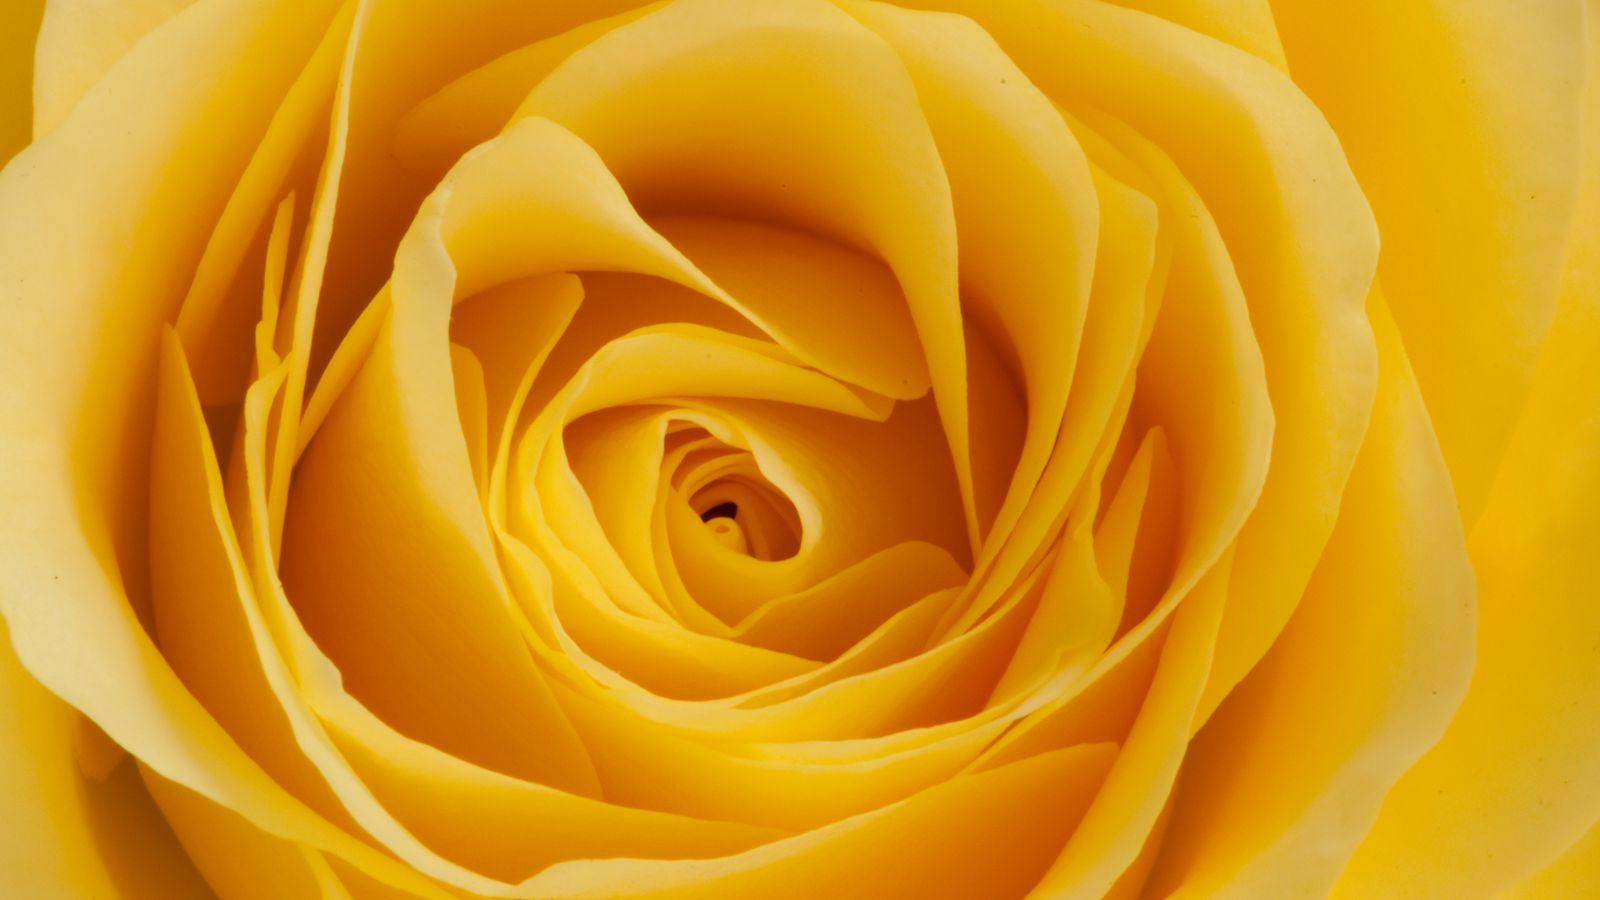 1600x900 Wallpaper rose, yellow, bud, petals, macro